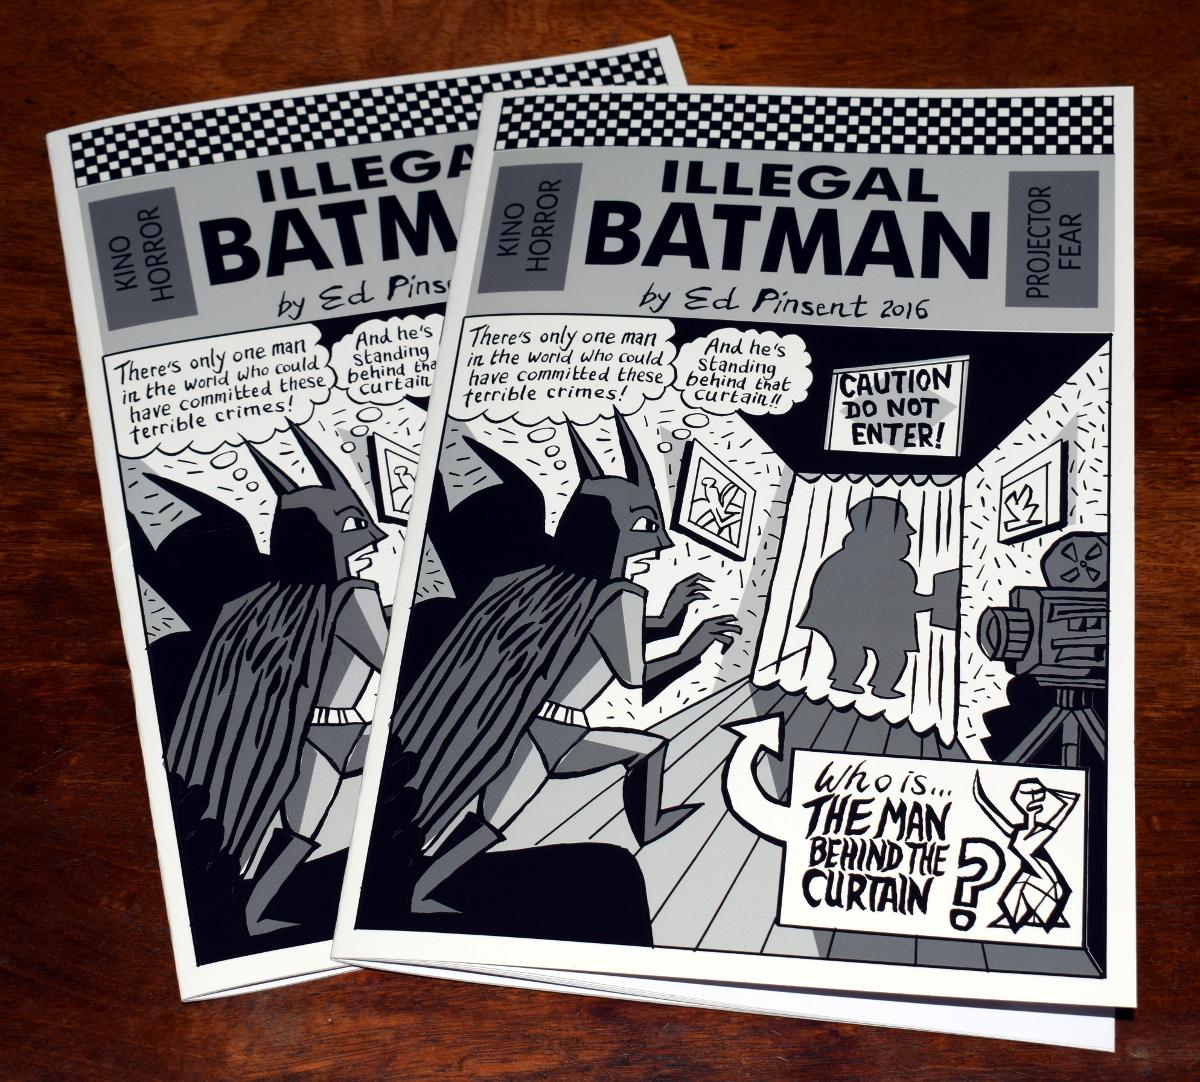 New Illegal Batman Comic